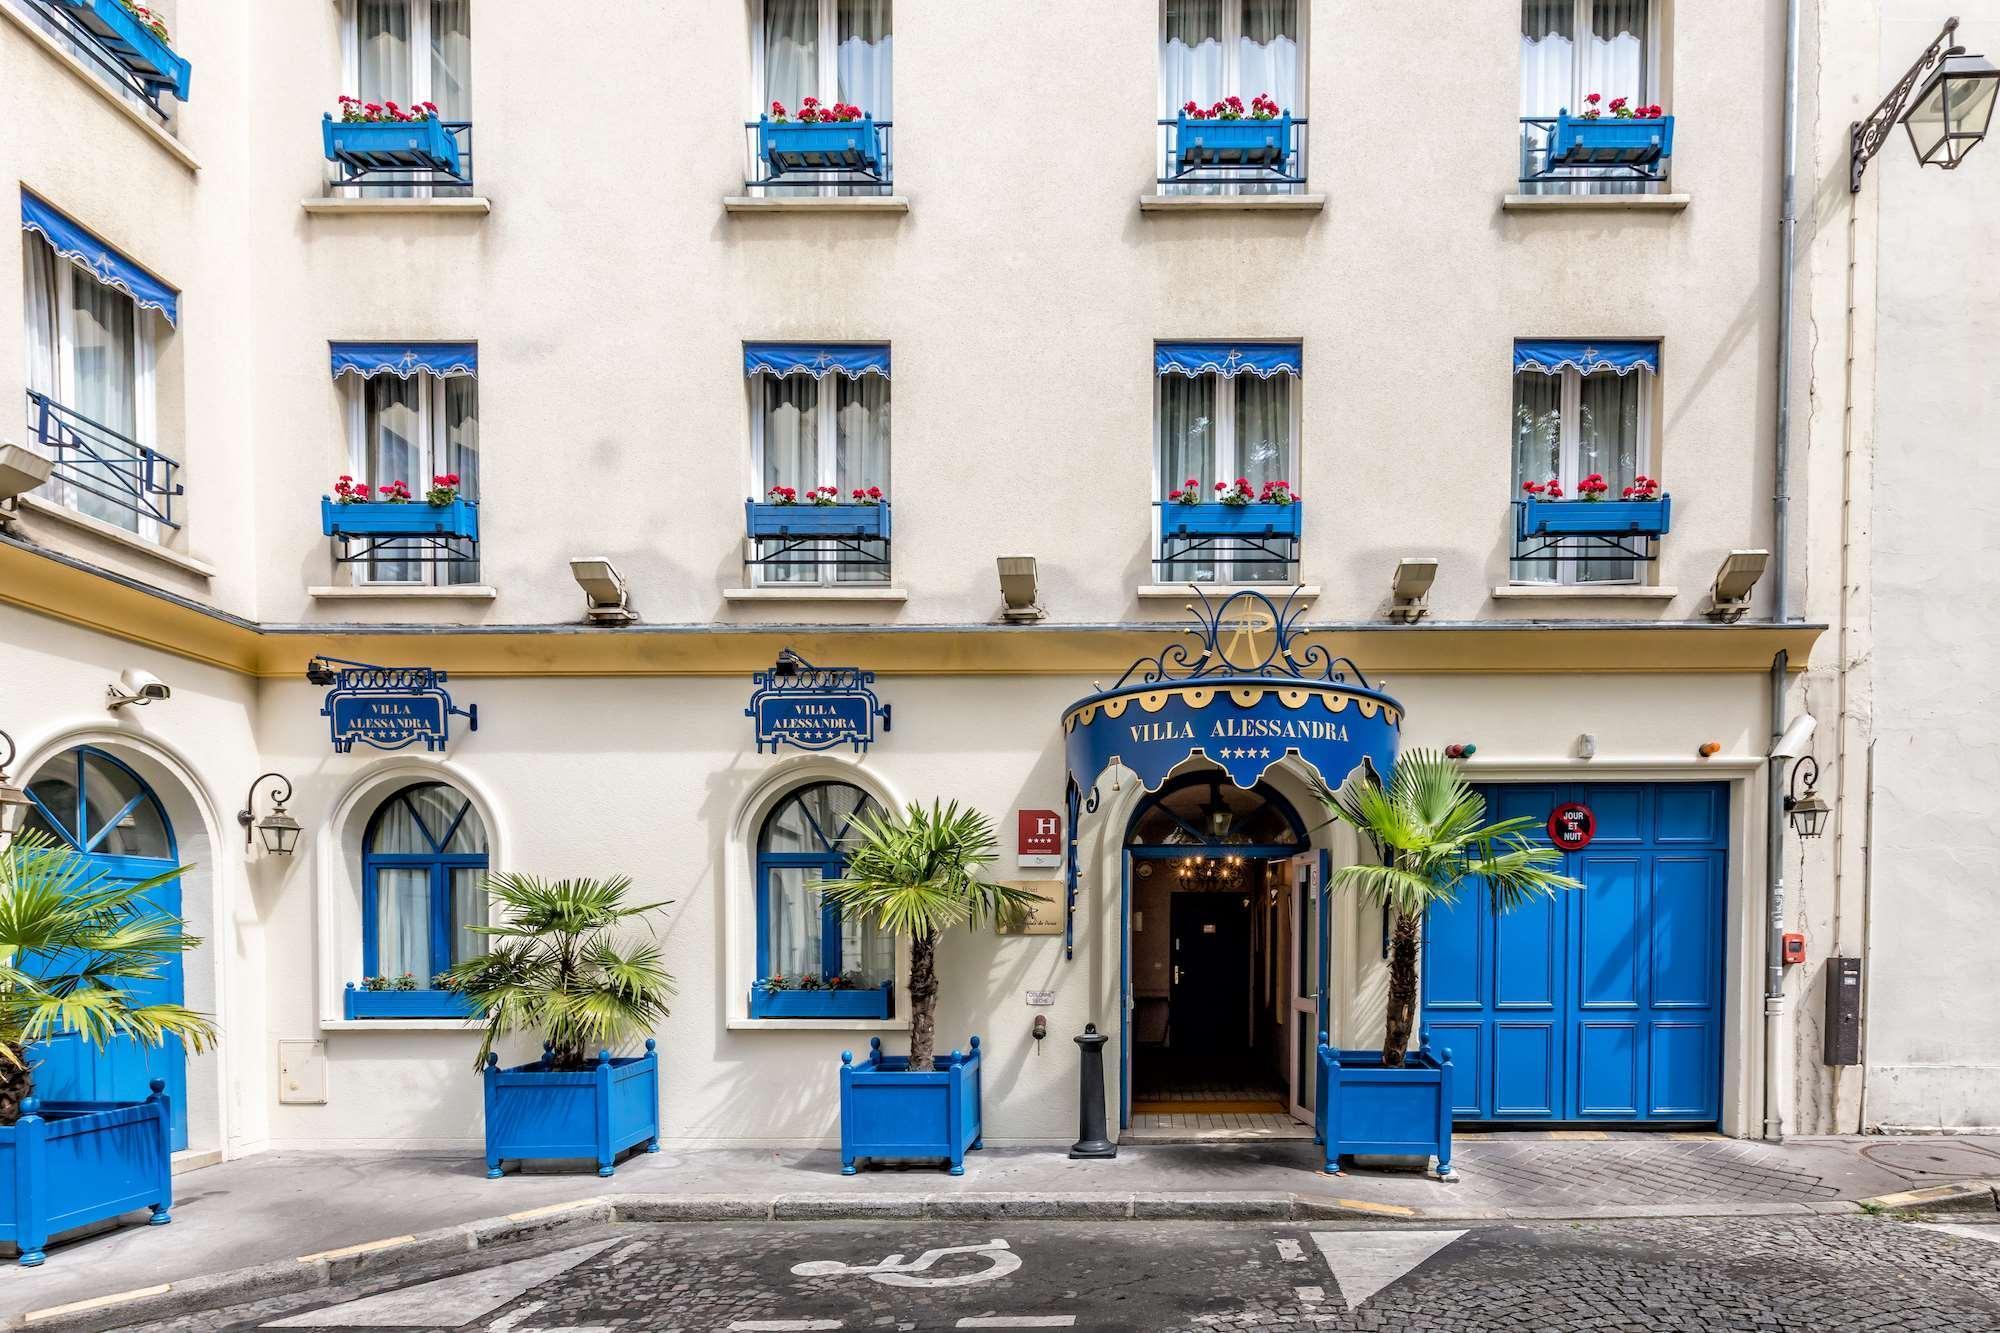 Villa Alessandra Hotel